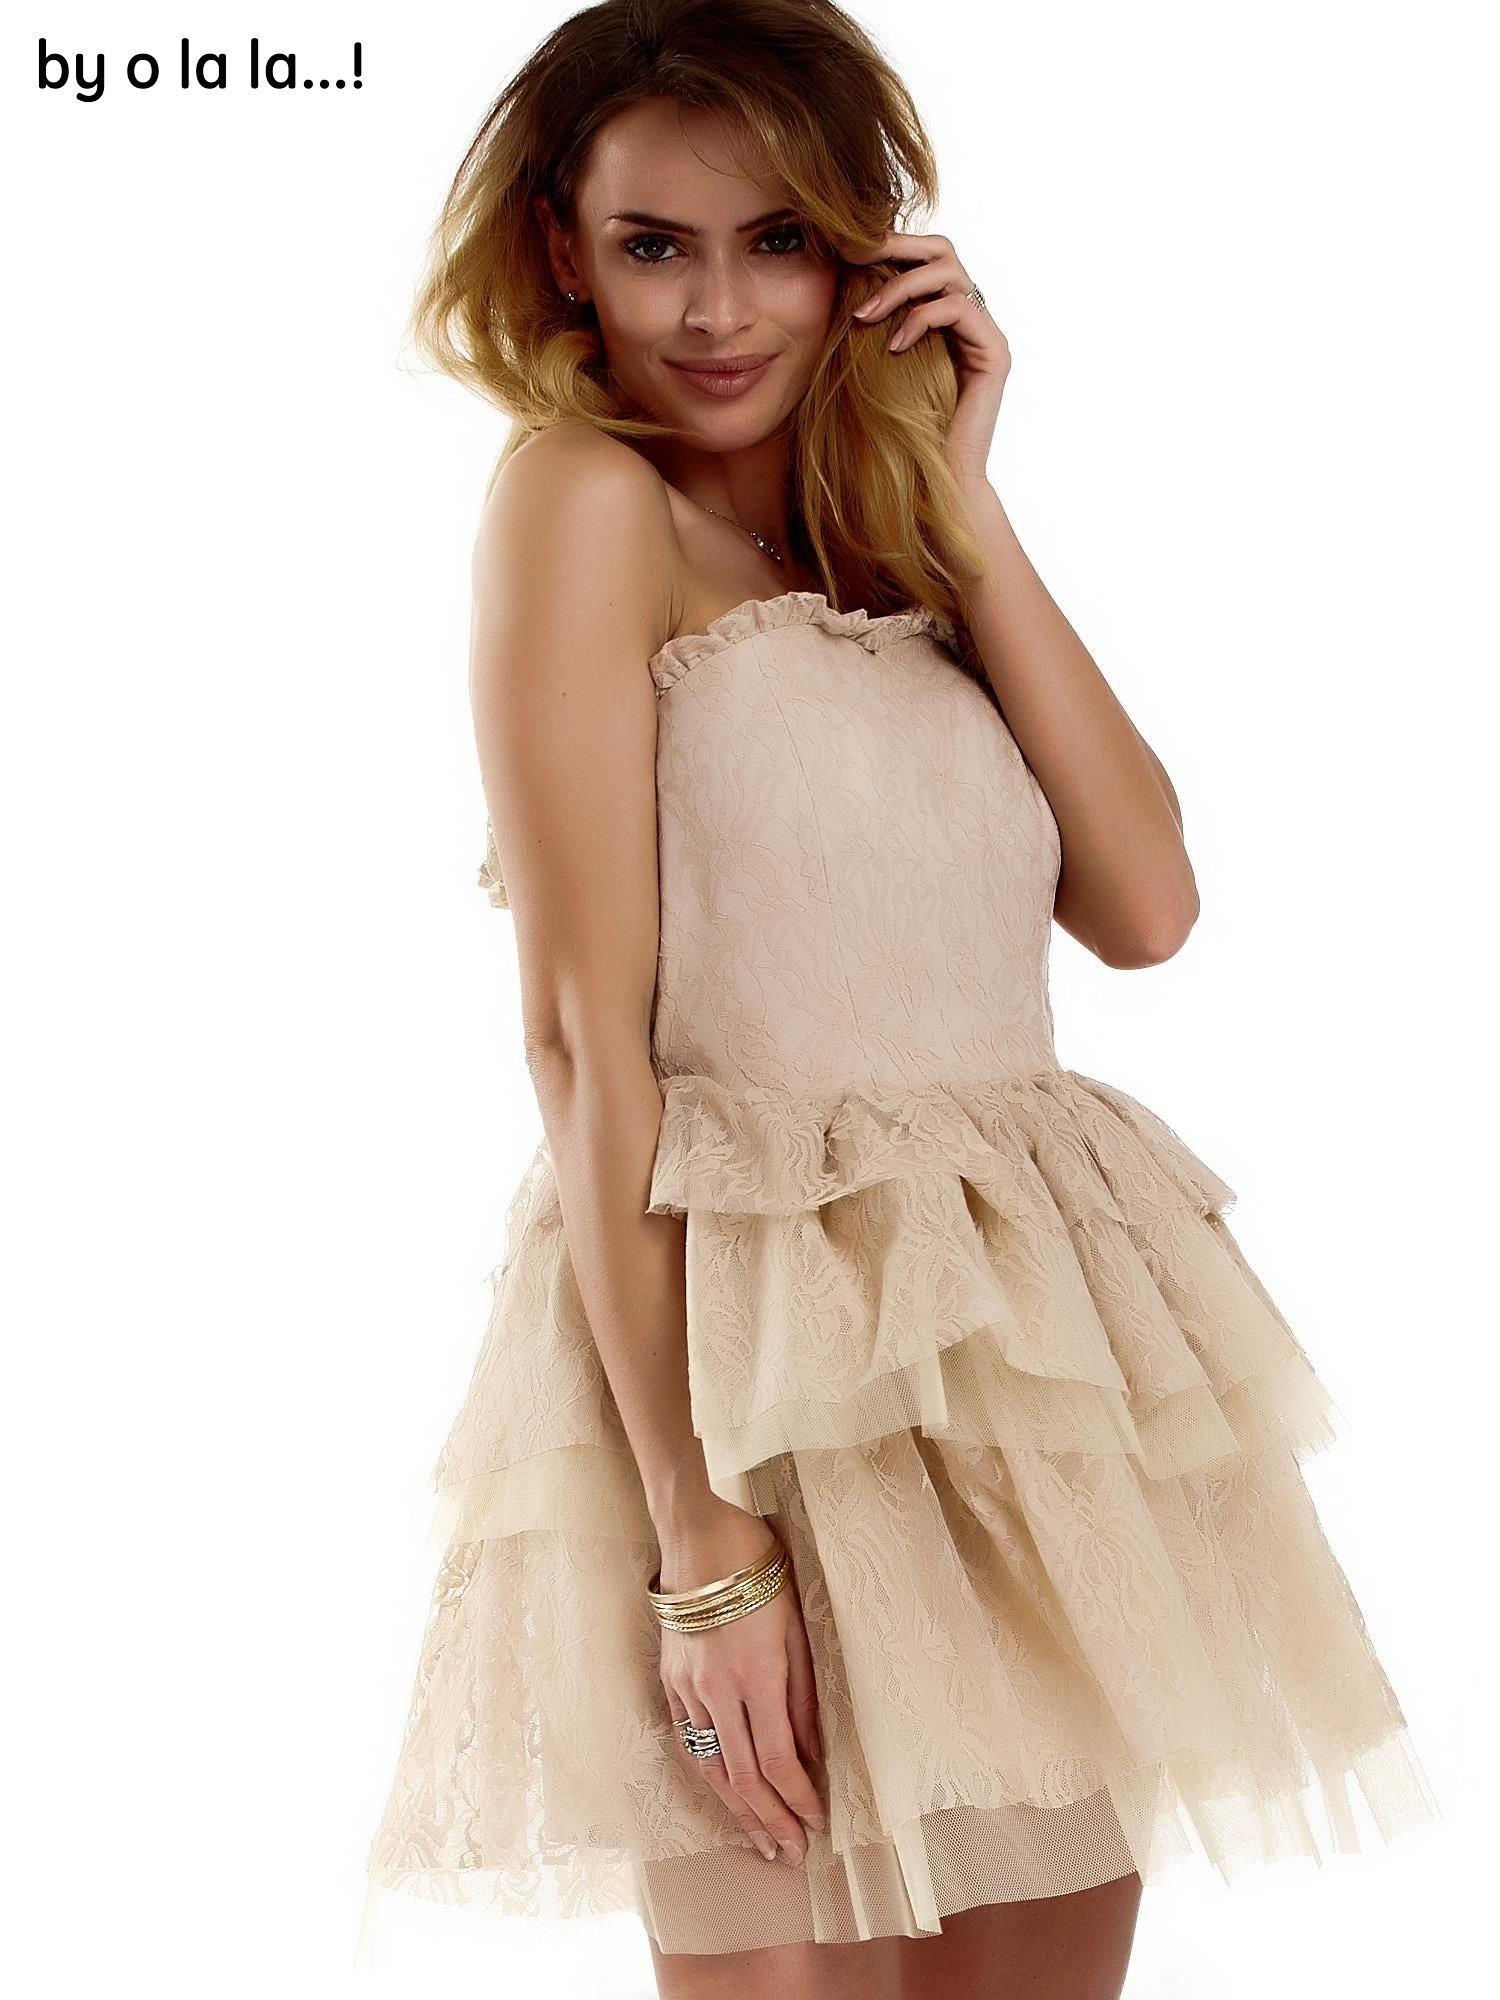 3681f453d6 1 · Koronkowa gorsetowa sukienka z warstwowymi falbanami beżowa BY O LA LA  ...